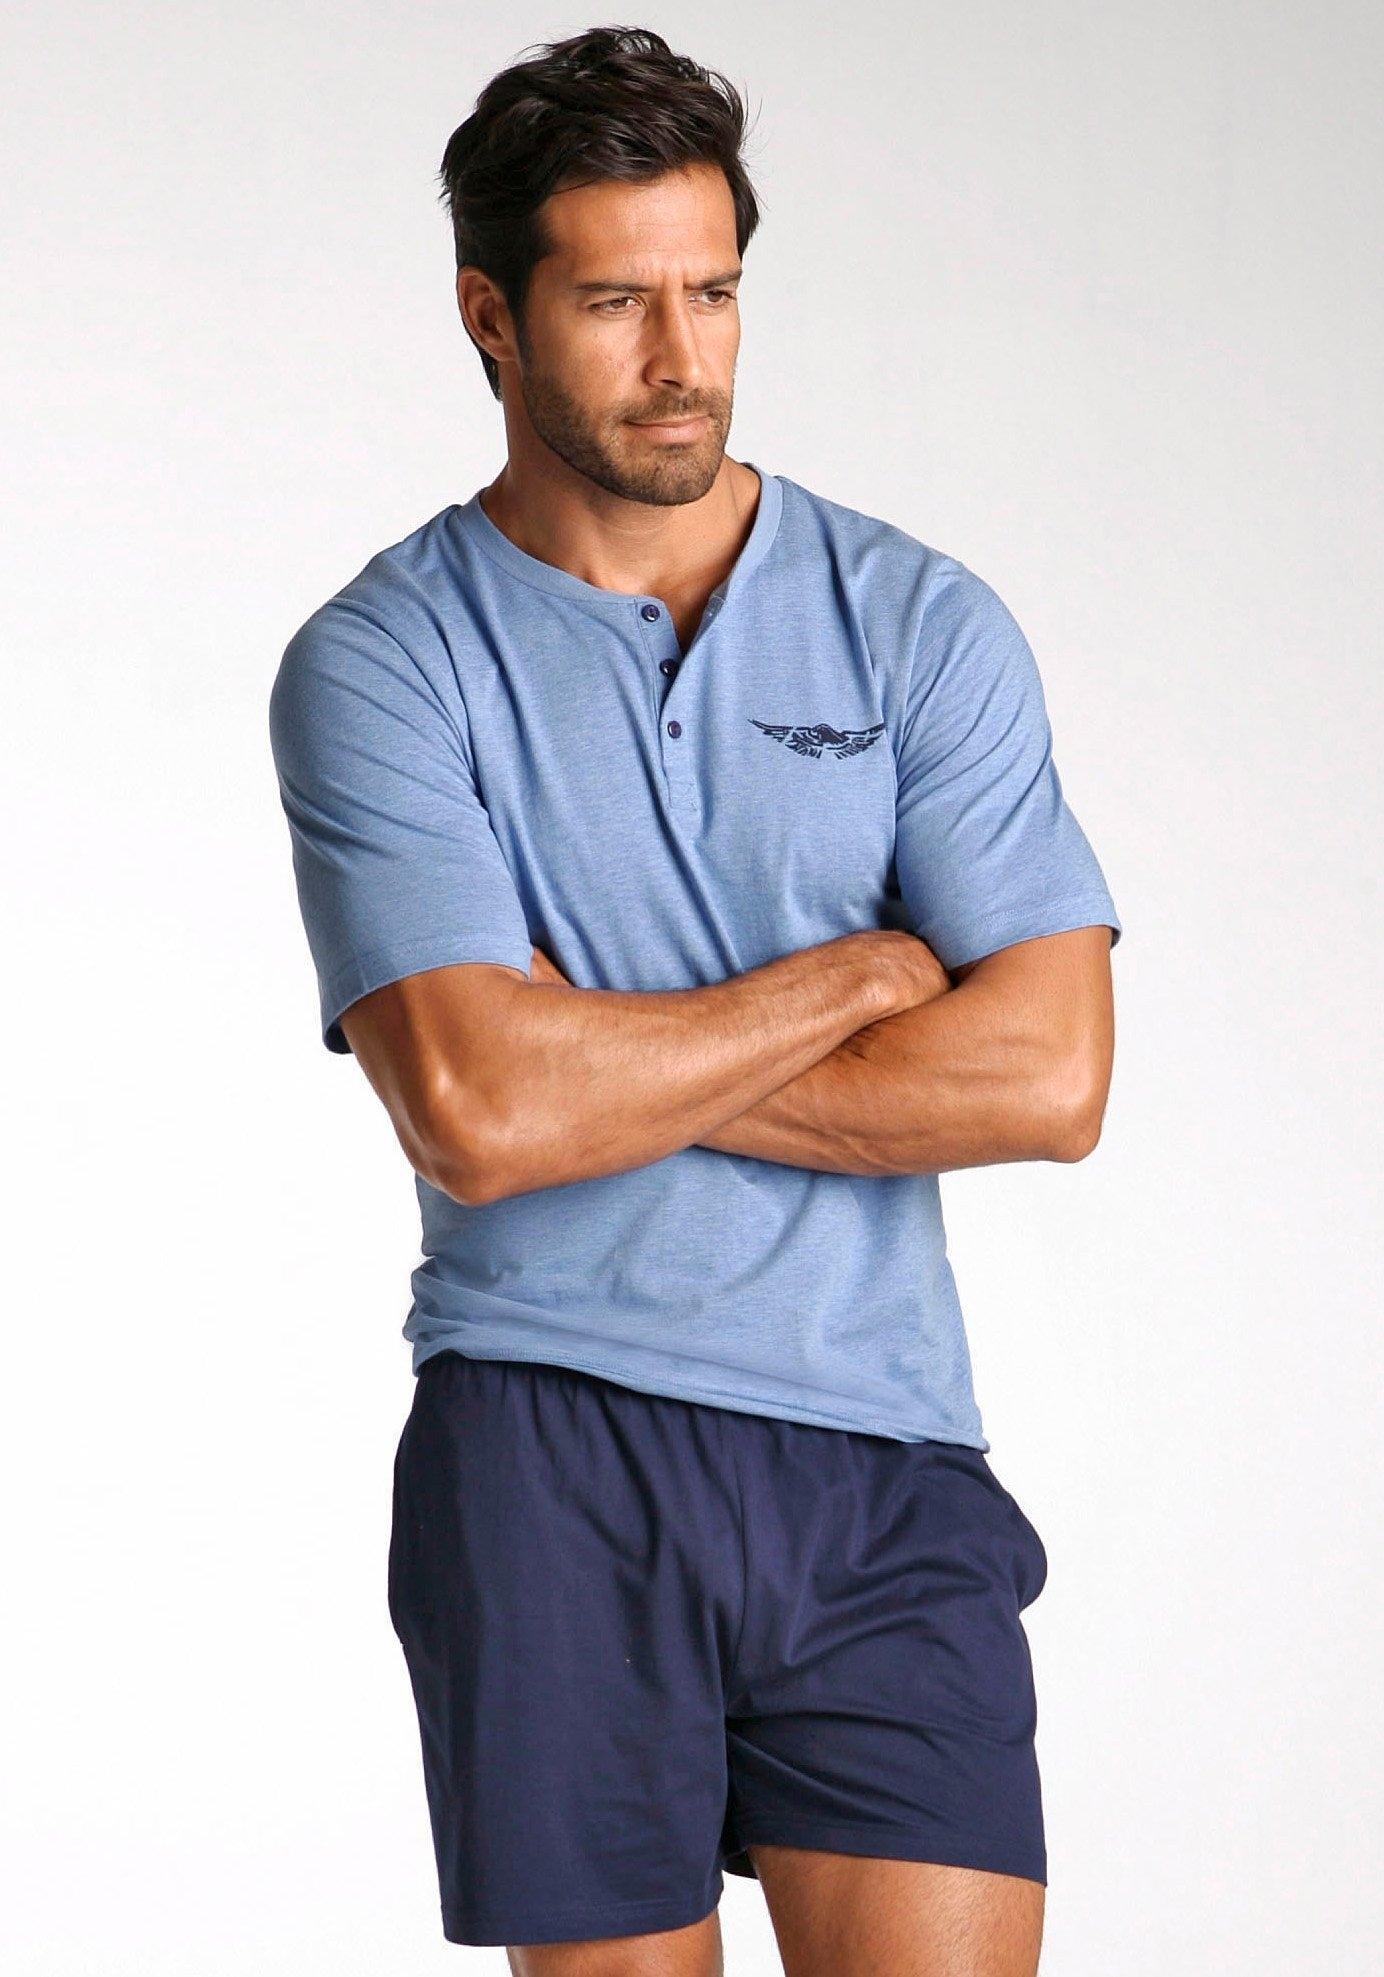 ARIZONA shortama, in kort model, shirt met knoopsluiting en logoprint op borsthoogte voordelig en veilig online kopen